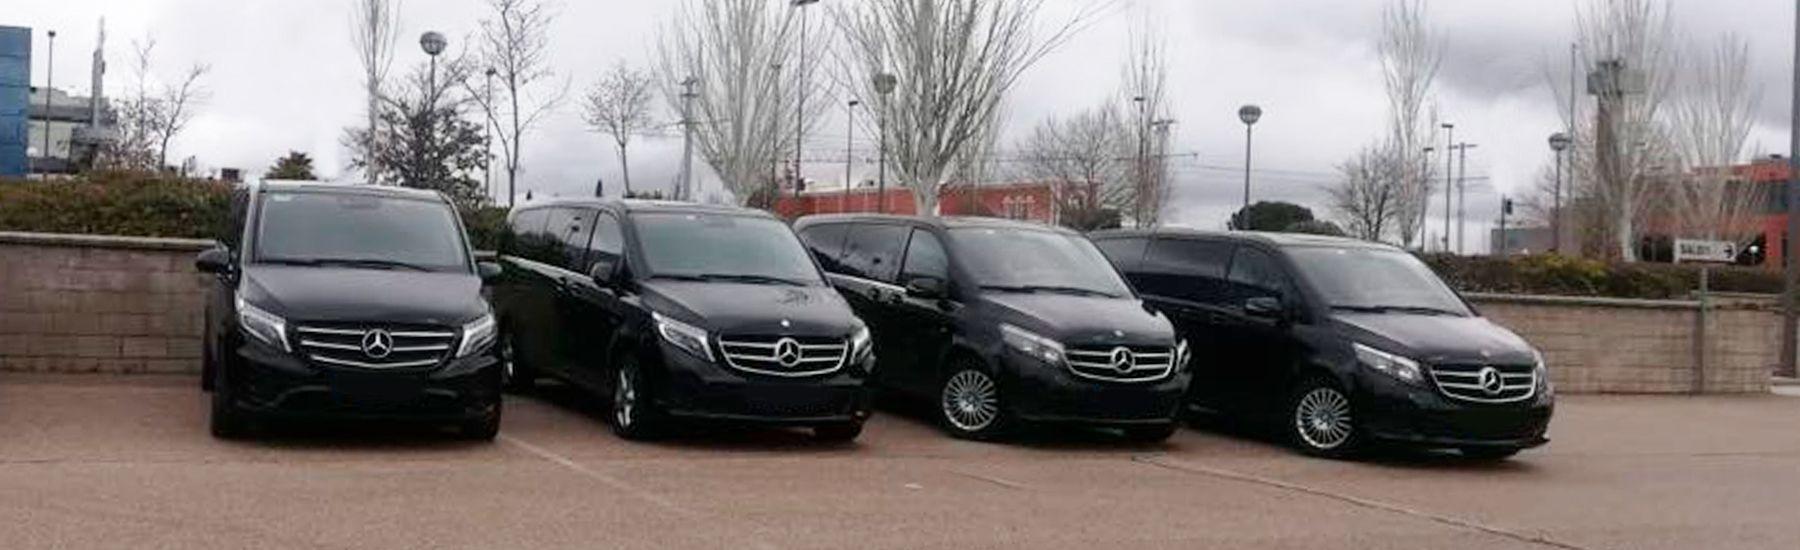 Alquiler vehículos con conductor - alquiler vehiculos